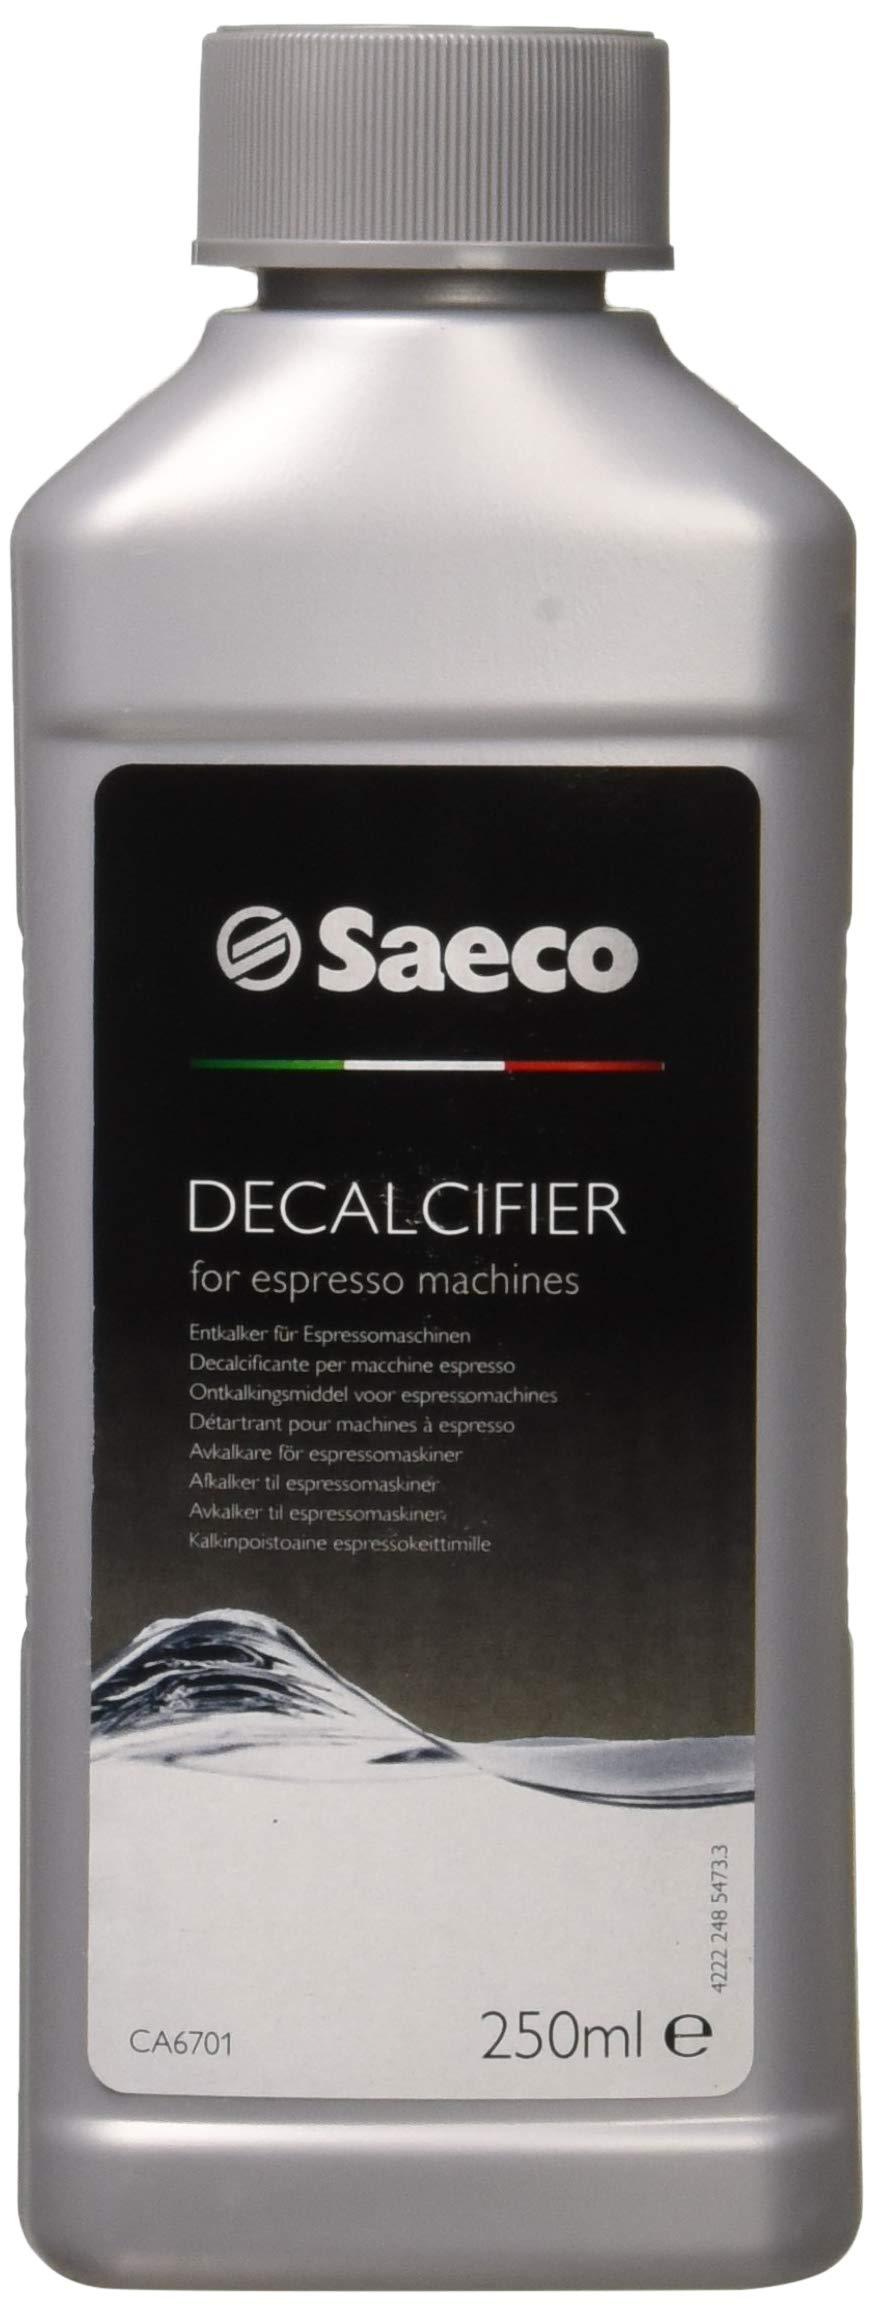 Saeco 609144 Accesorio Philips Ca6700 Descalcificador Liq, Blanco, 2: Amazon.es: Alimentación y bebidas